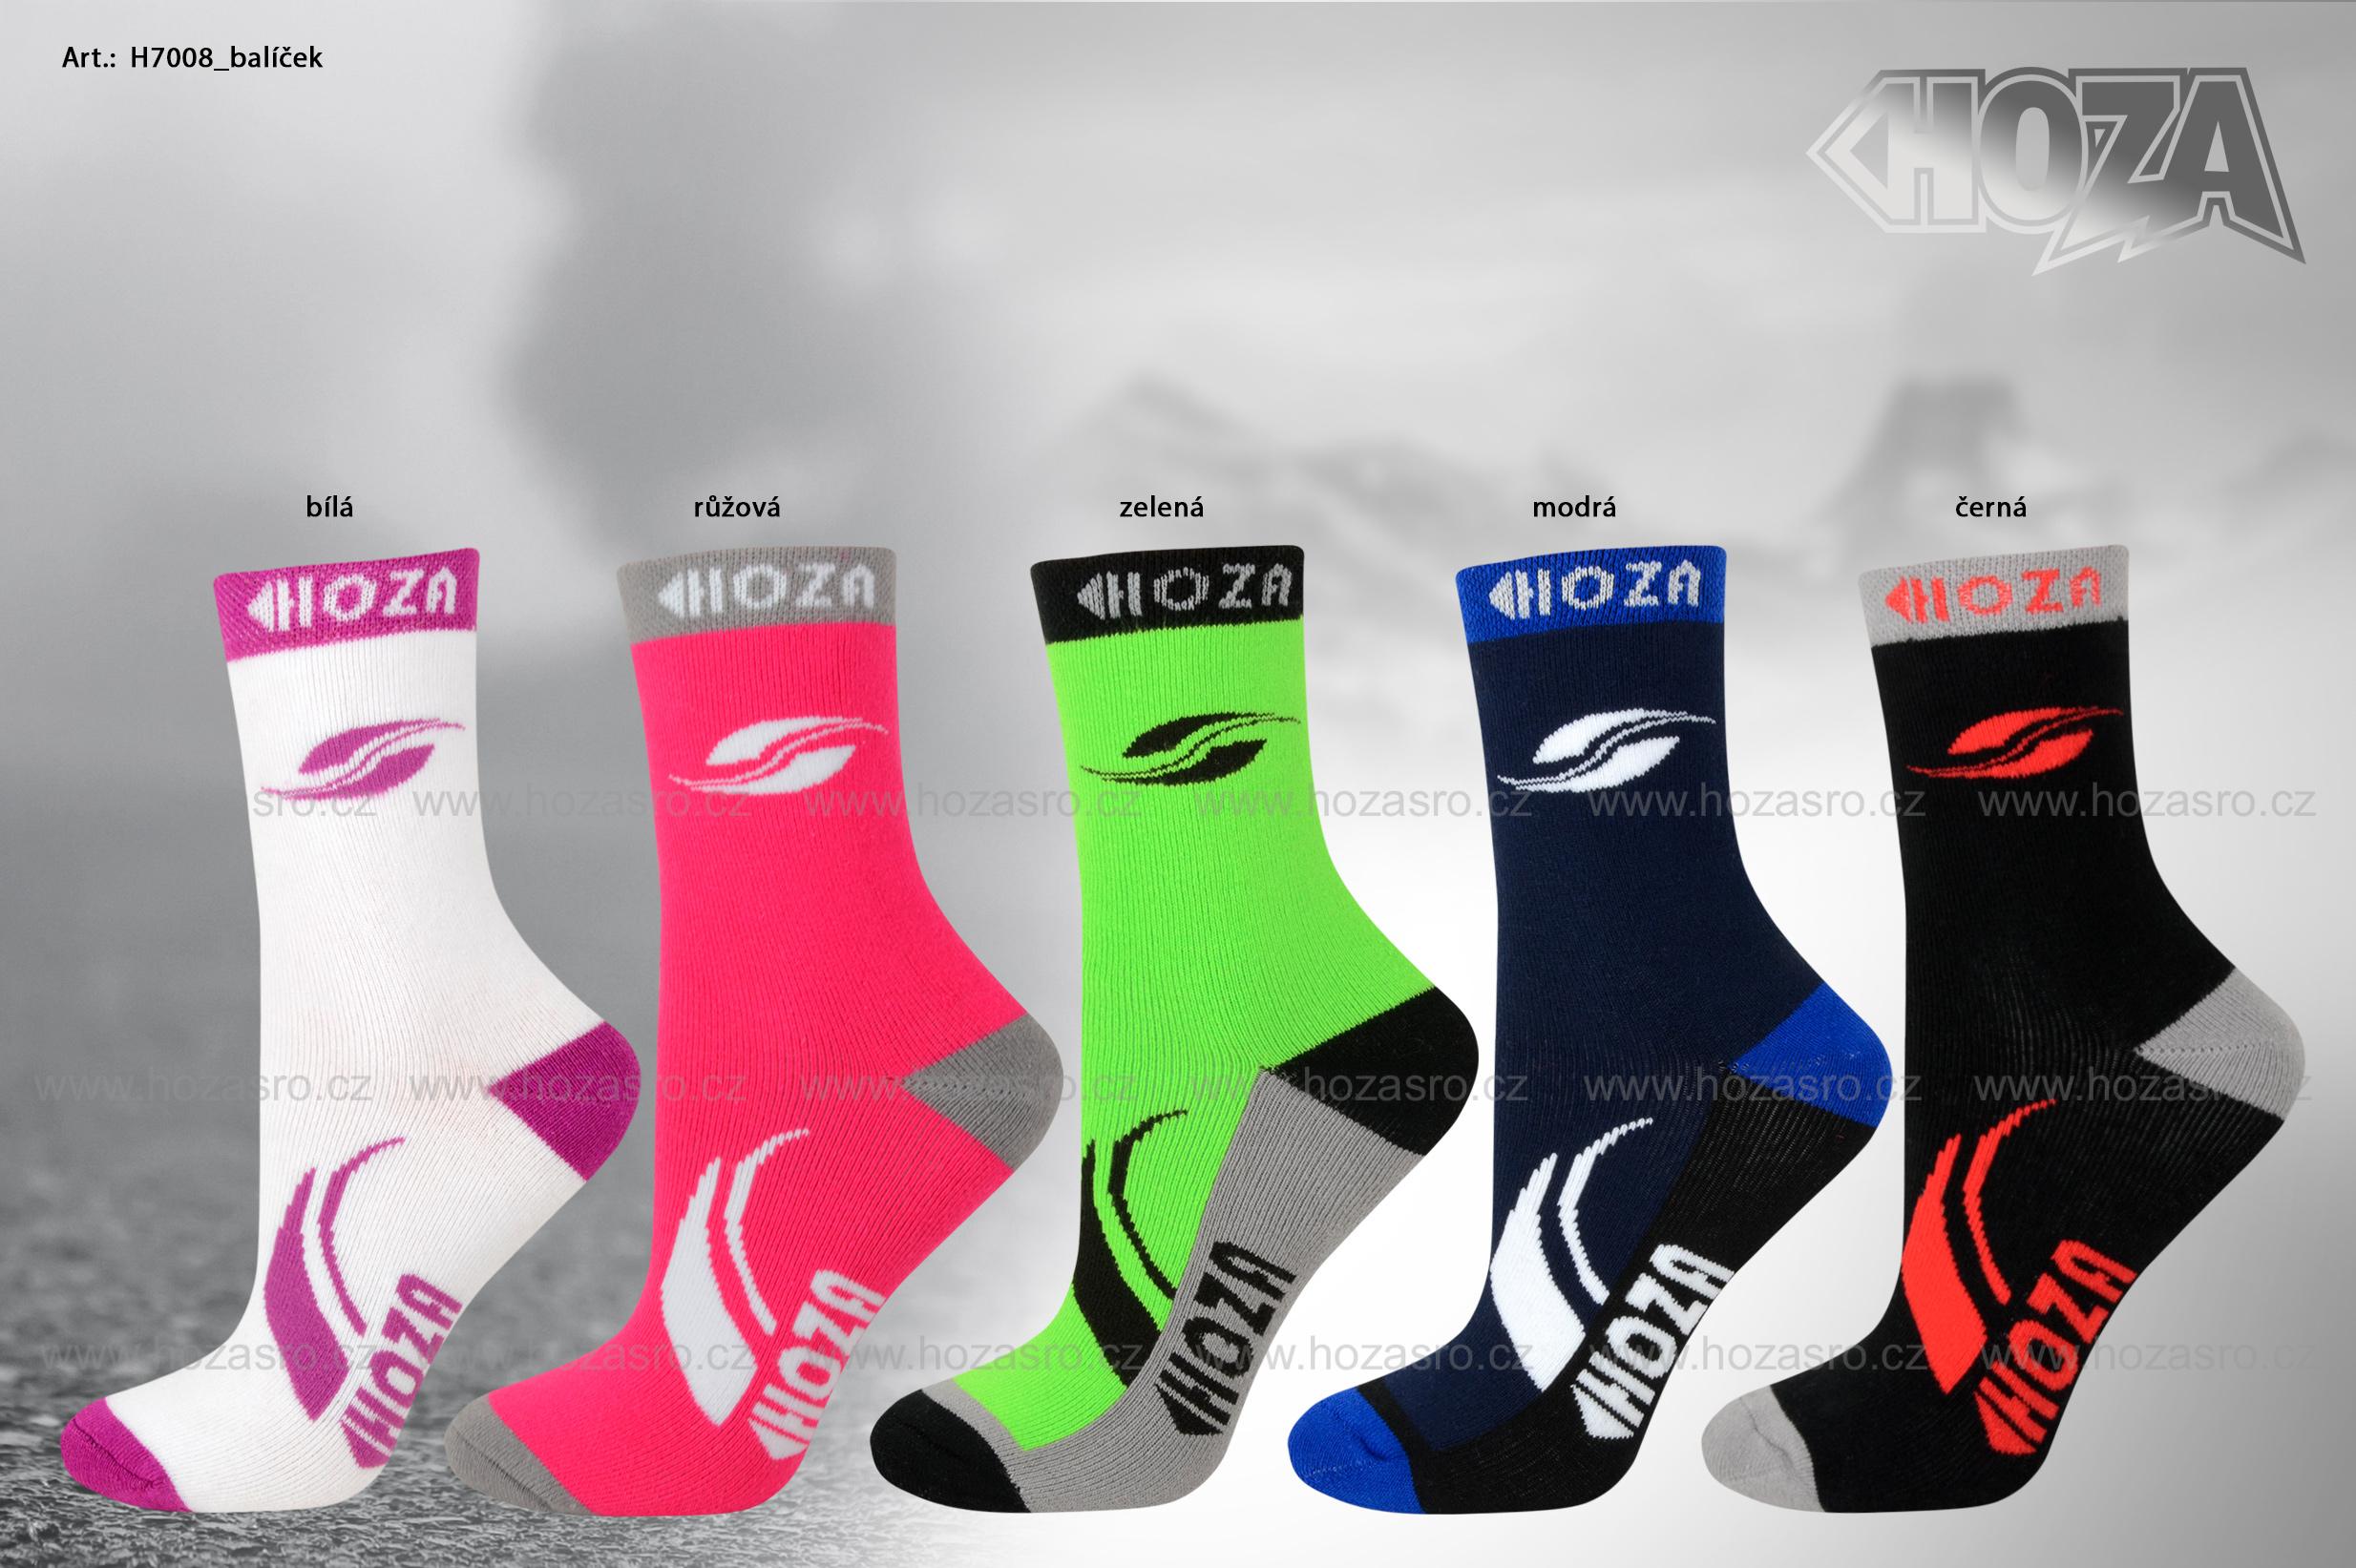 Dětské ponožky HOZA THERMO Froté - Sport 2v1 - H7008